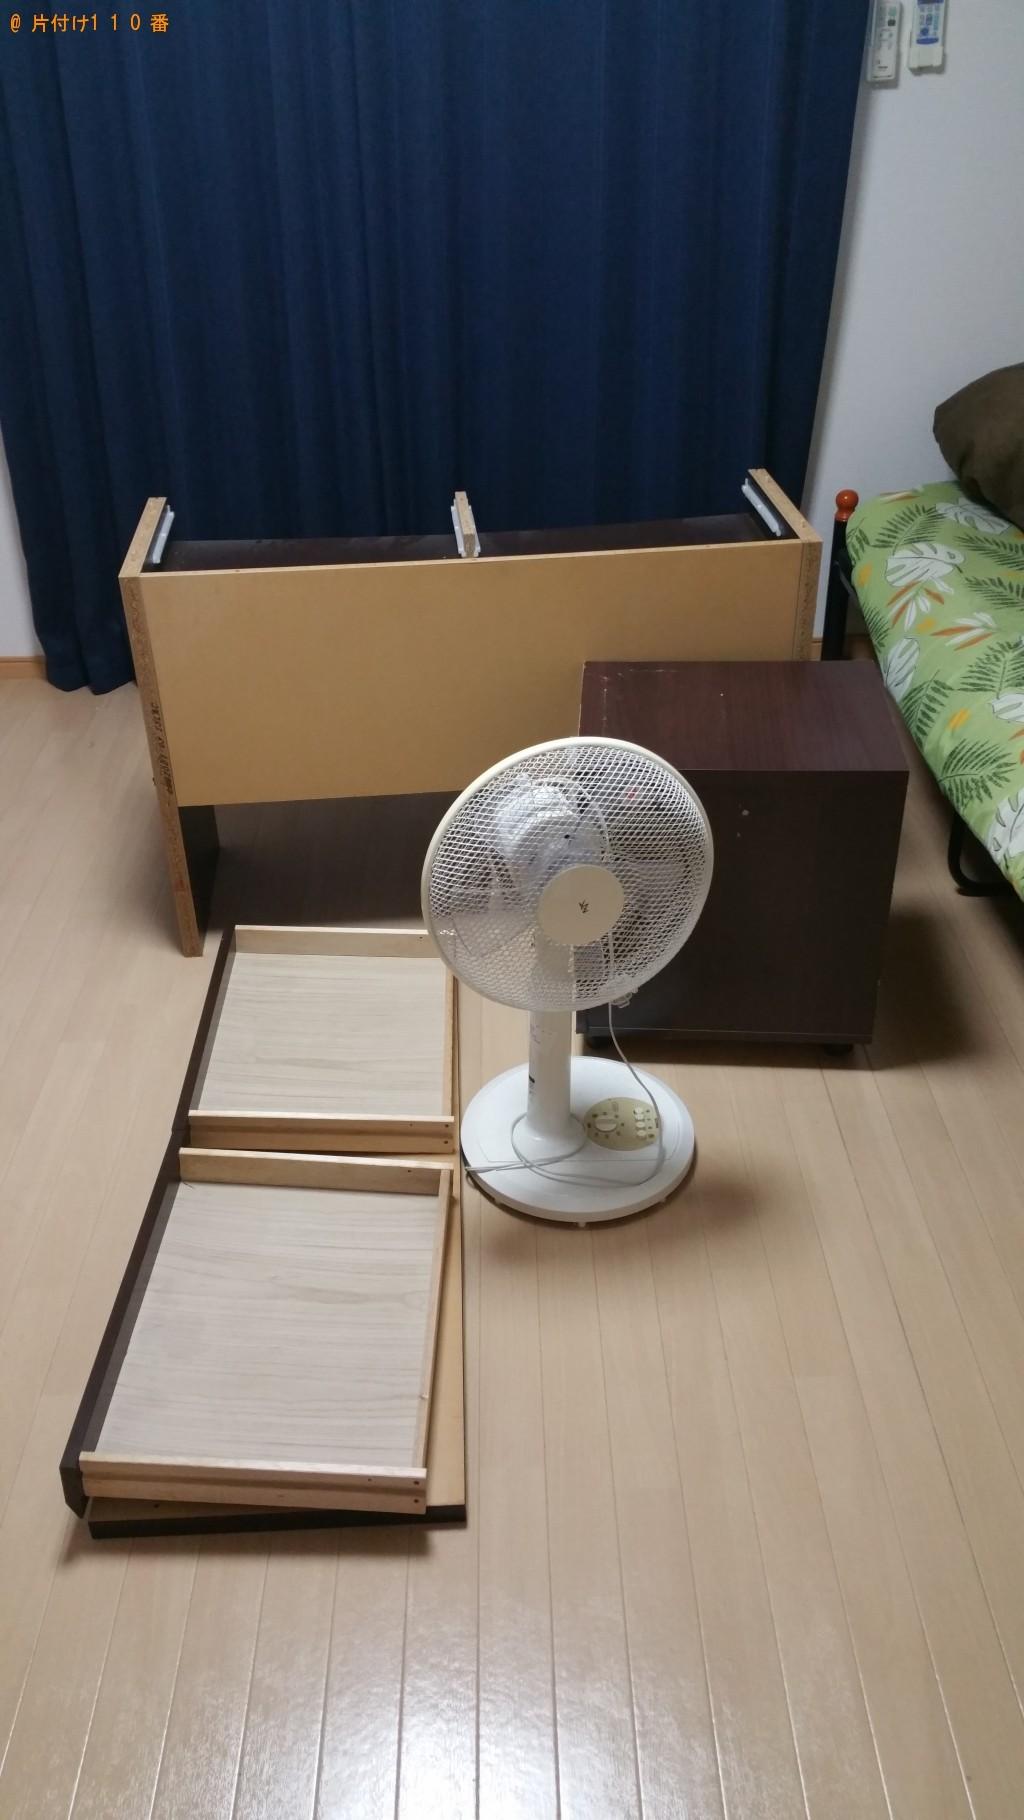 【松山市】扇風機、学習机、机の引き出しの回収・処分ご依頼